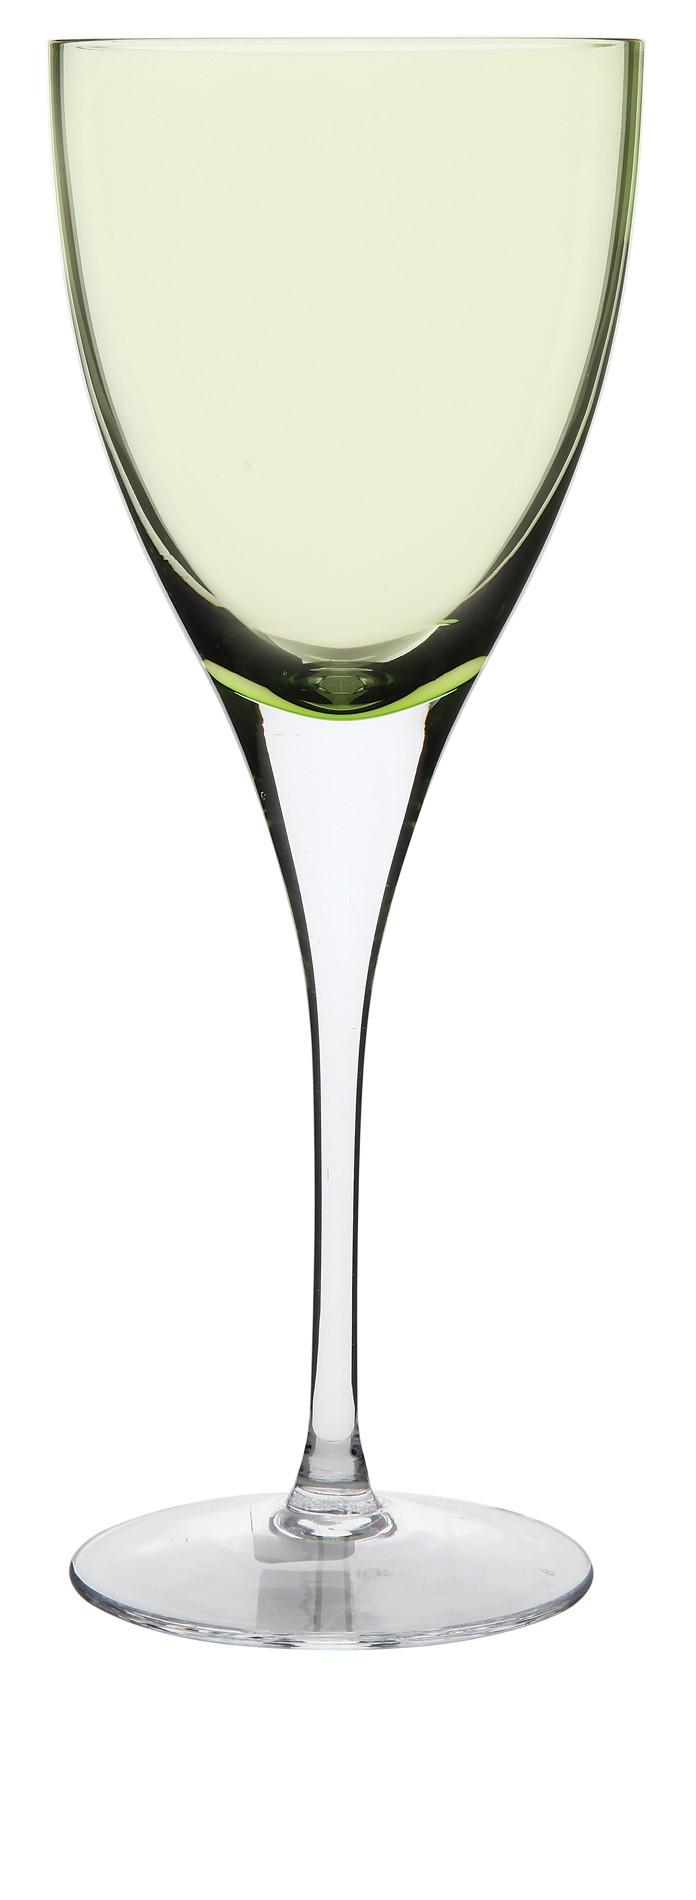 Ποτήρι Κρασιού Paradise Σετ 6Τμχ Πράσινο 190ml Ionia home   ειδη σερβιρισματος   ποτήρια